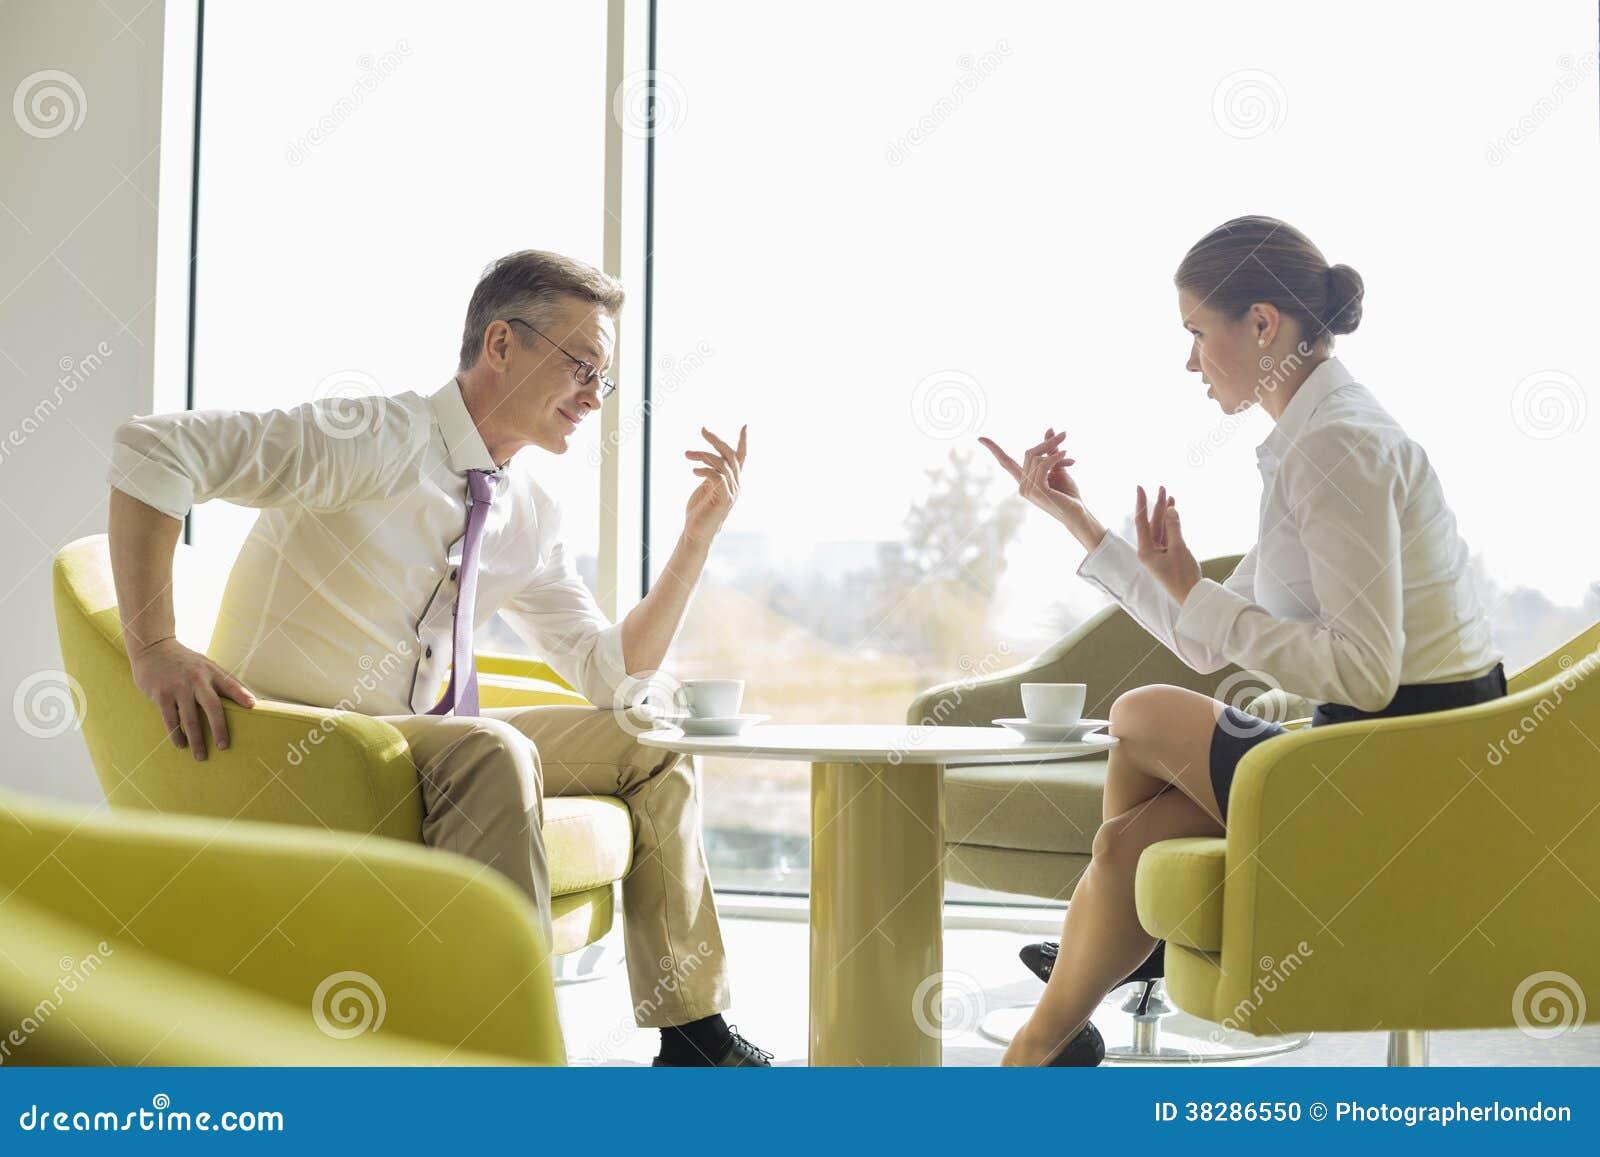 Πλάγια όψη των επιχειρηματιών που συζητούν στο λόμπι